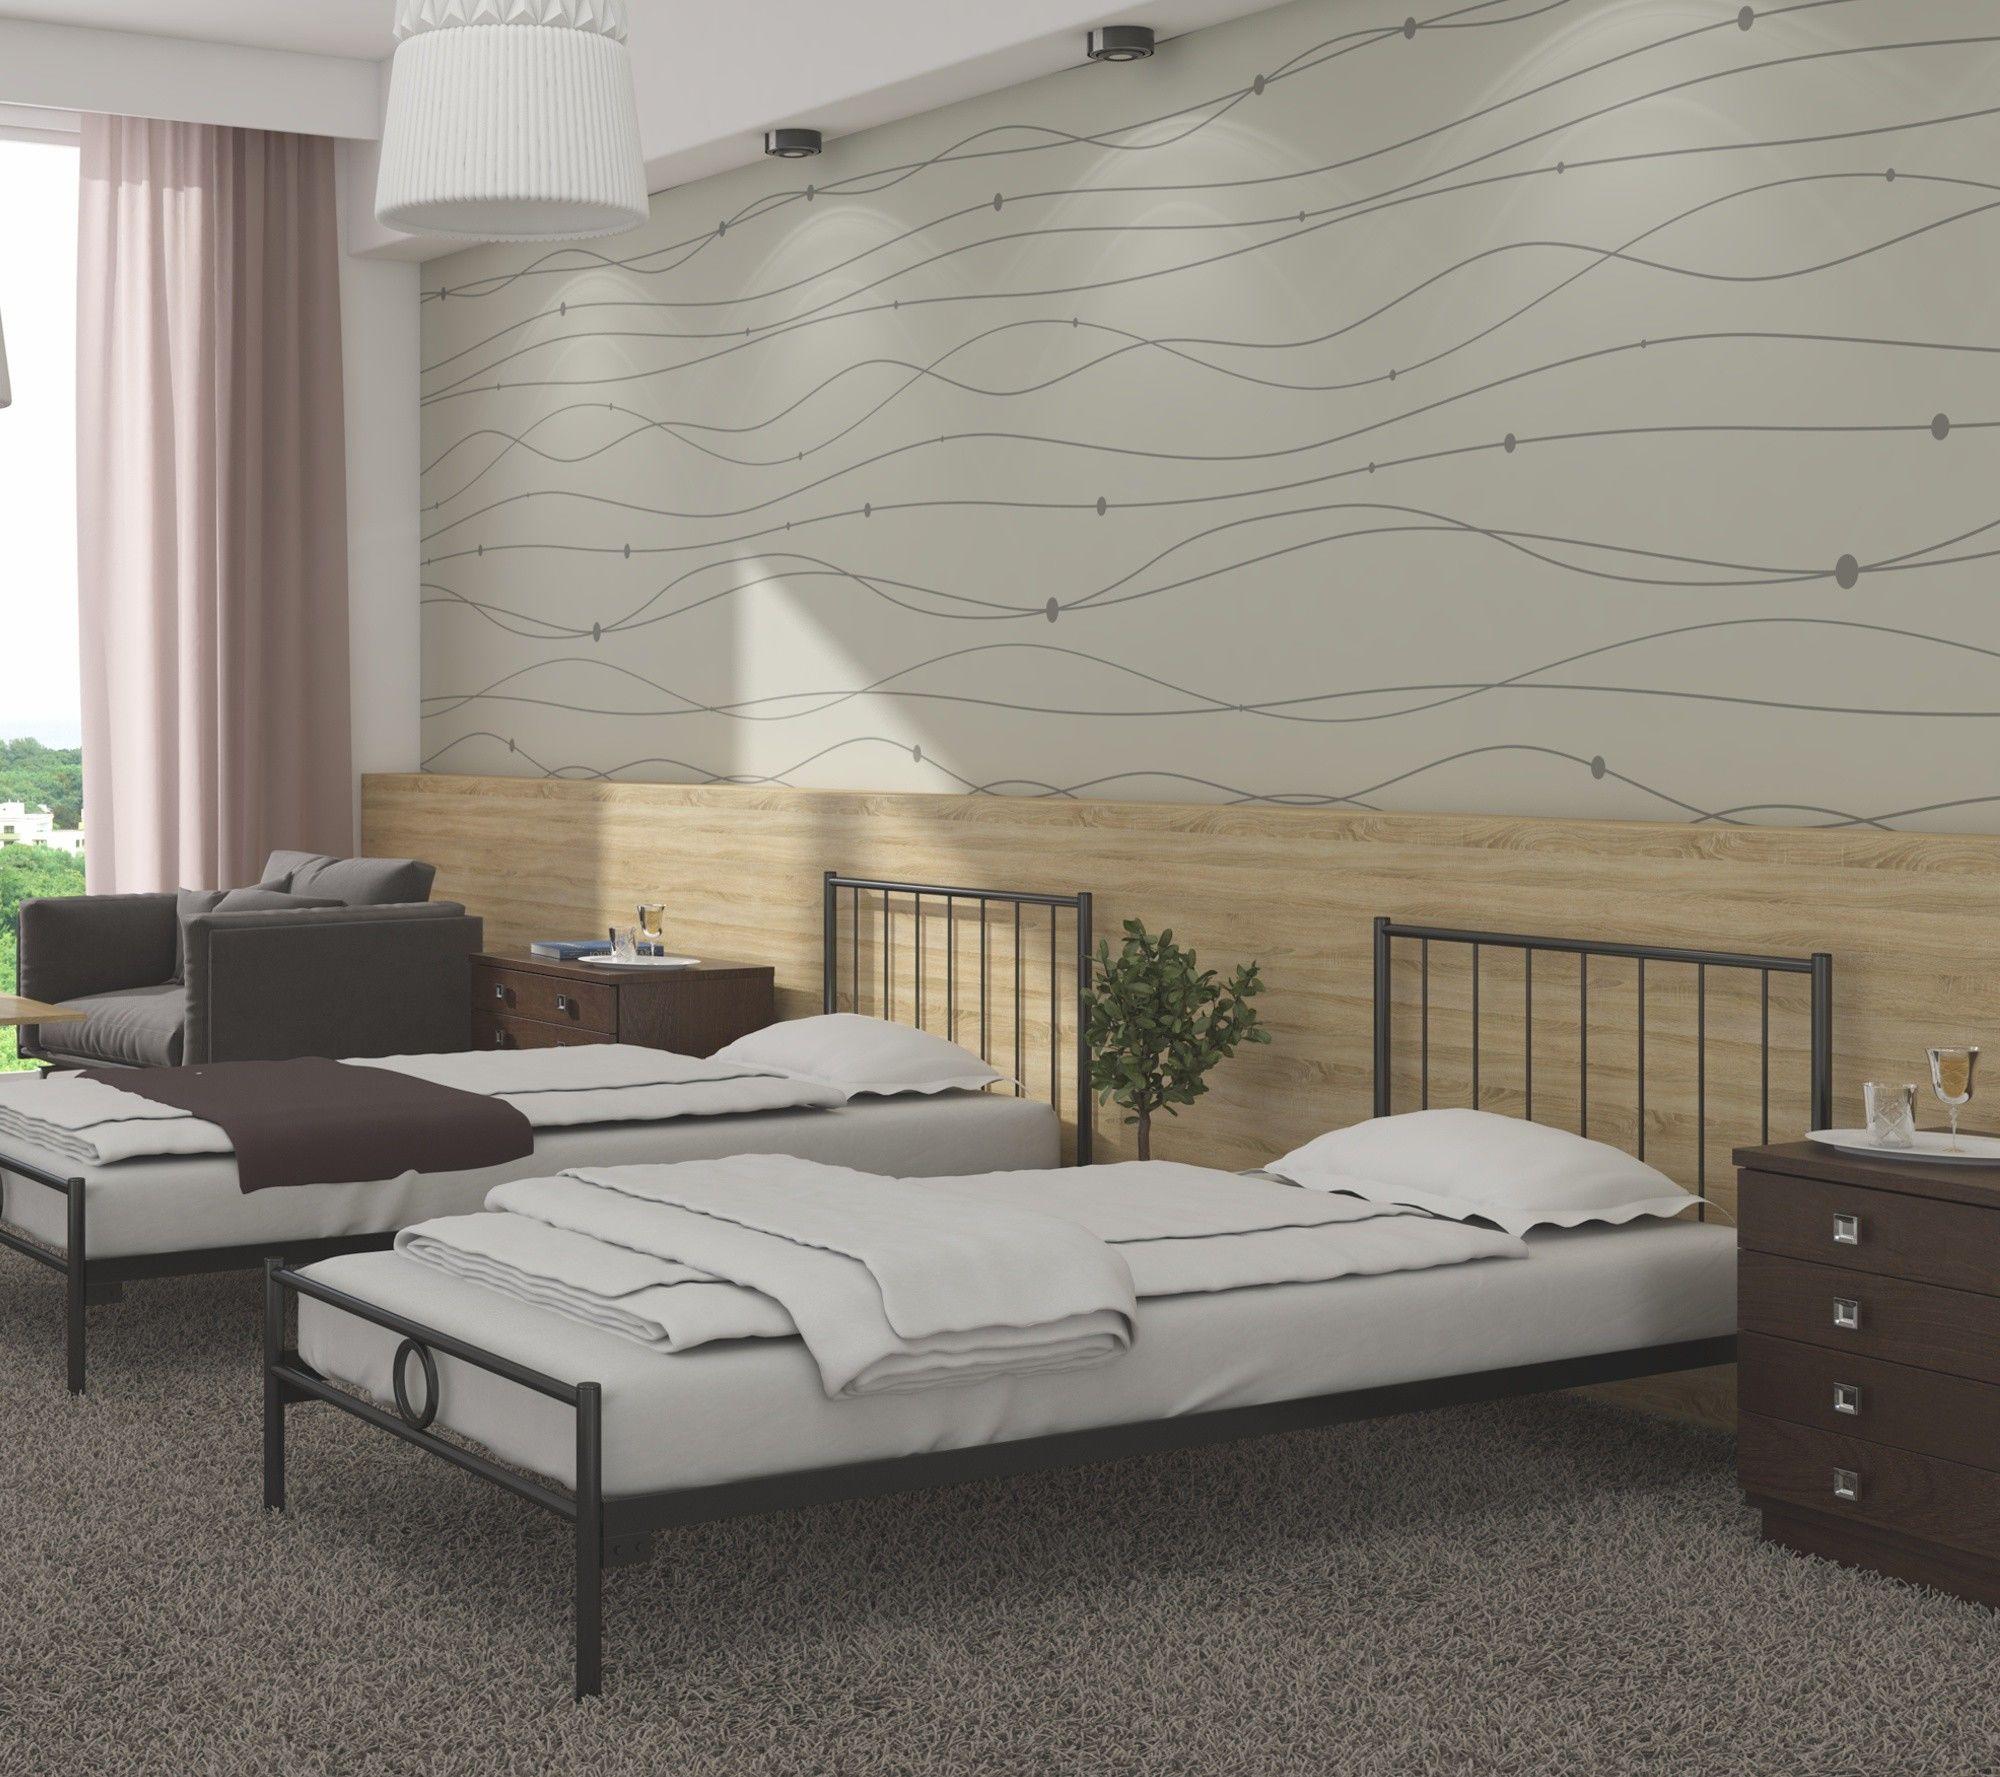 łóżko metalowe 90x190 wzór 3J ze stelażem pod materac